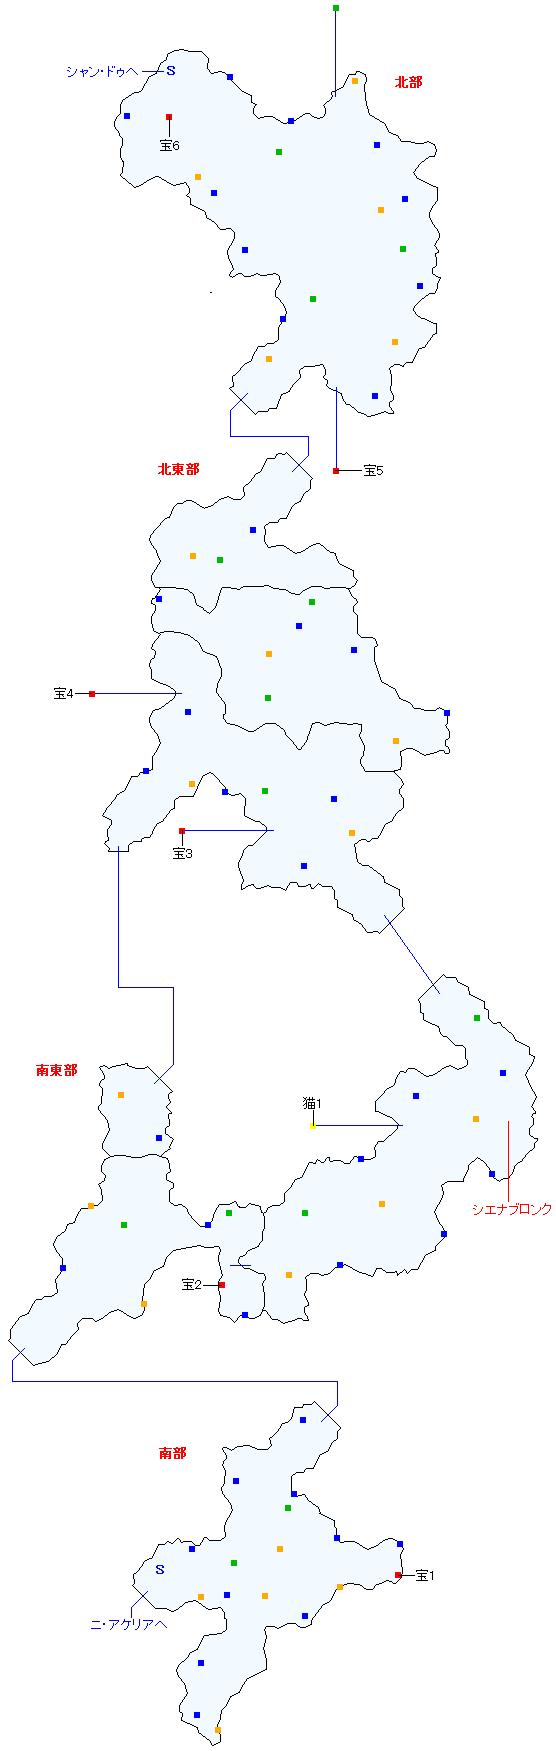 ソグド湿道(正史世界)マップ画像